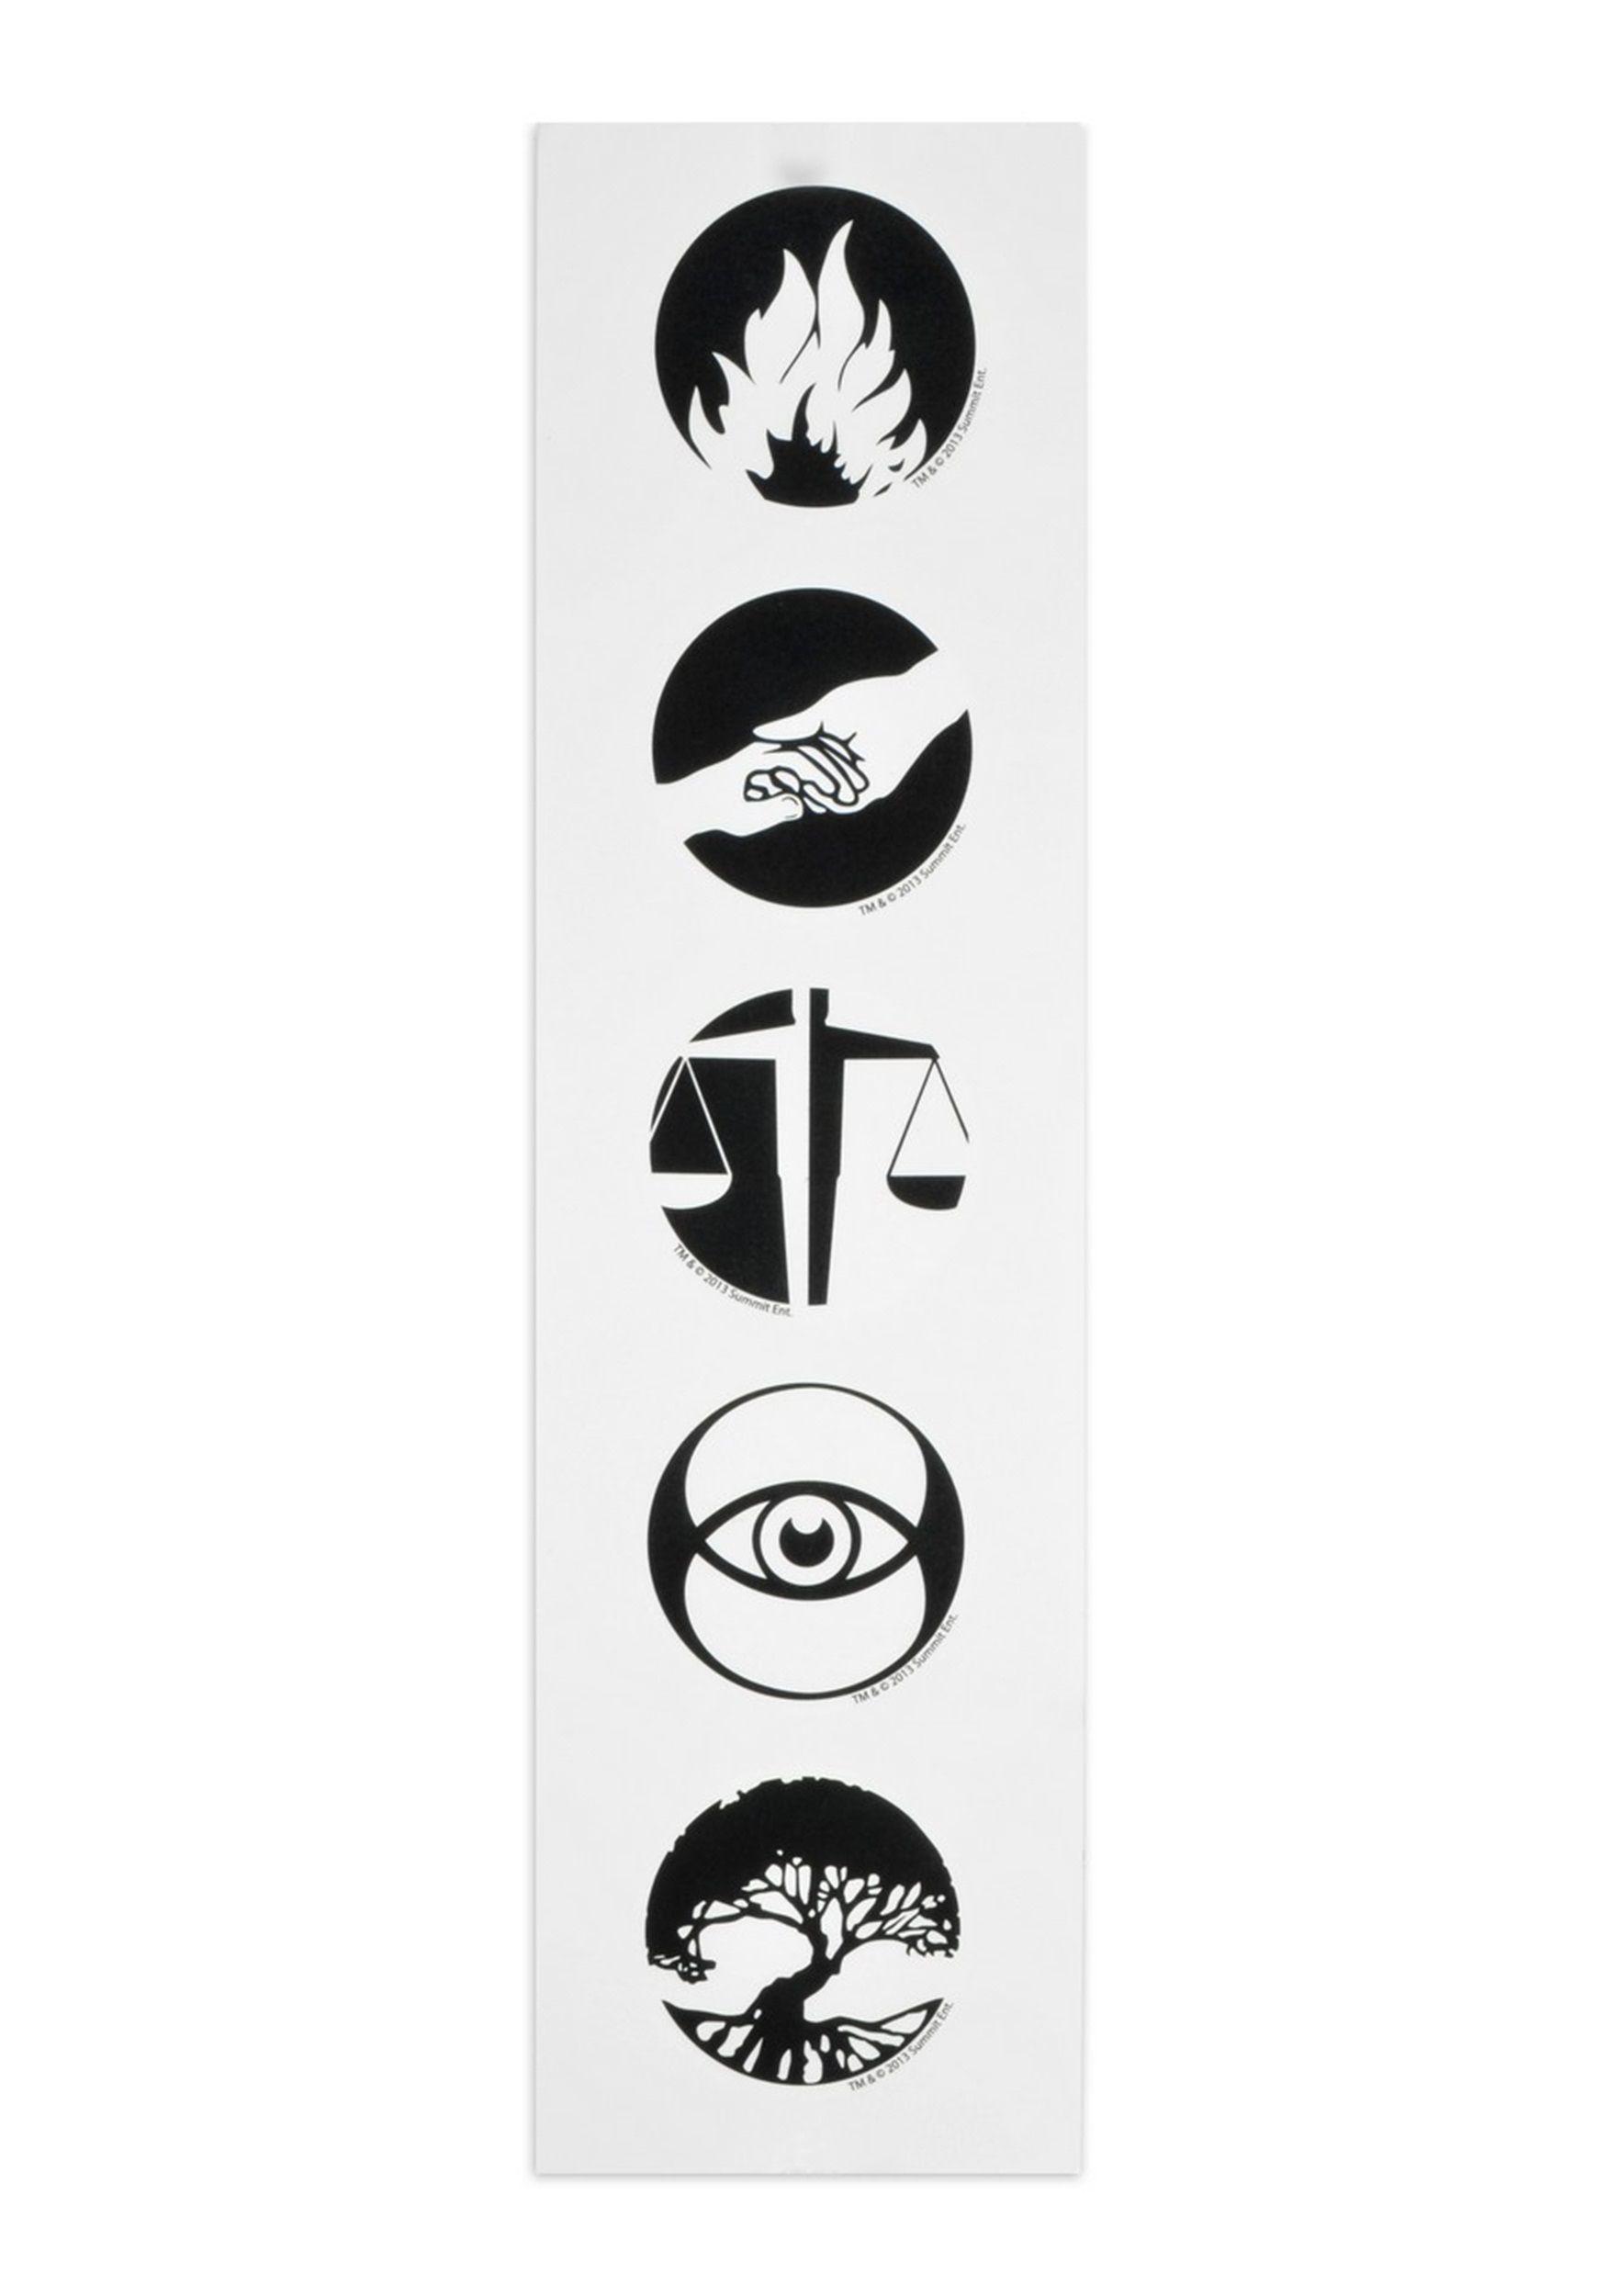 divergent symbol tattoo - HD1750×2500